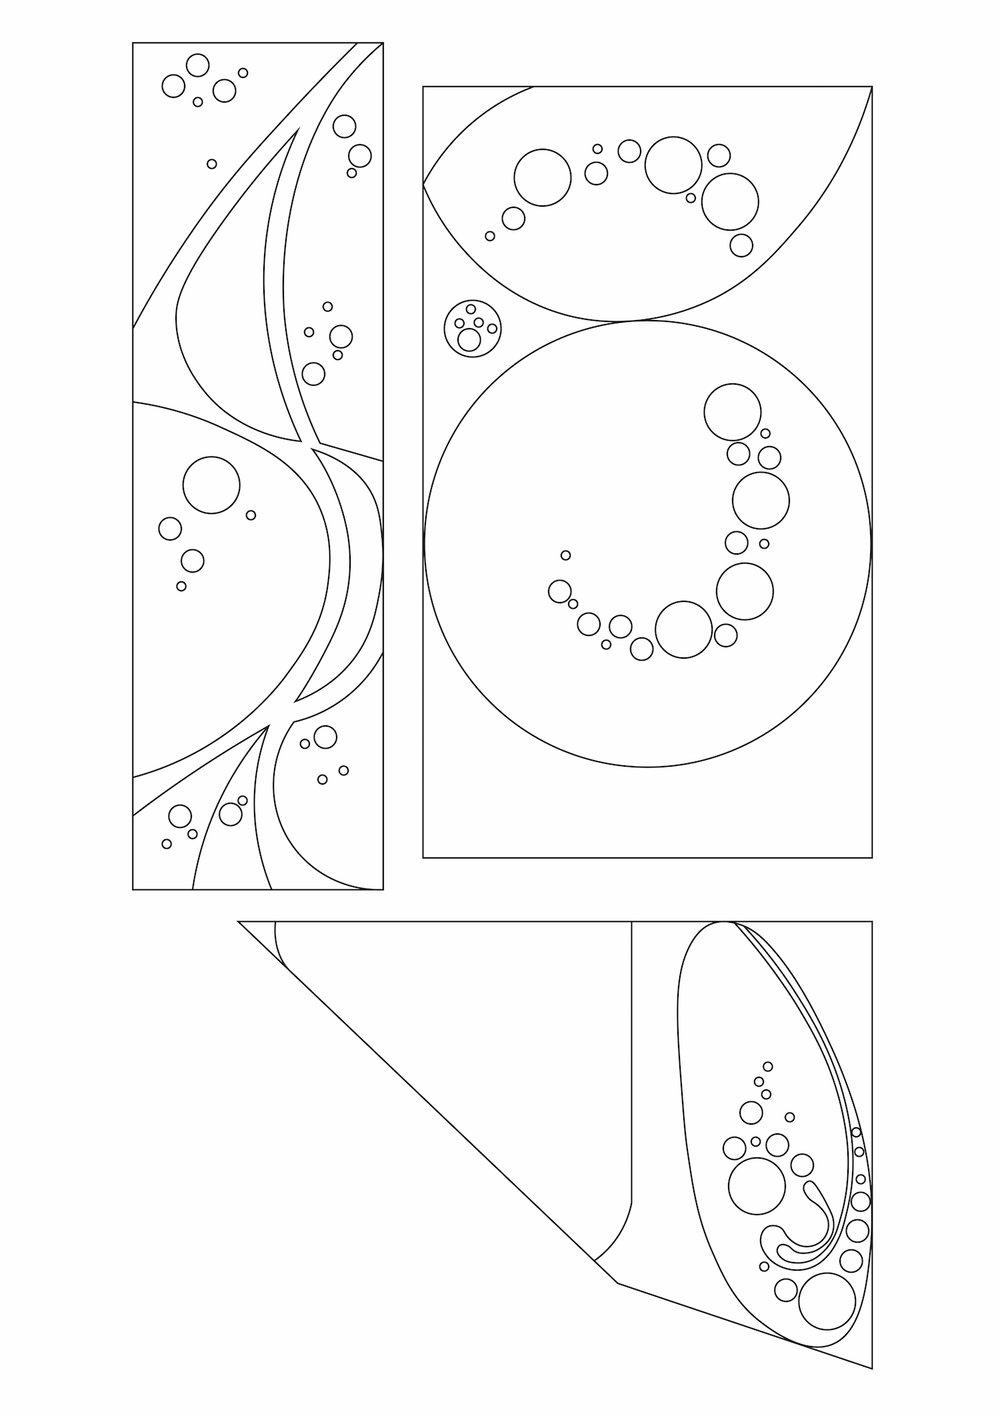 26_Zeichenfläche 1.jpg